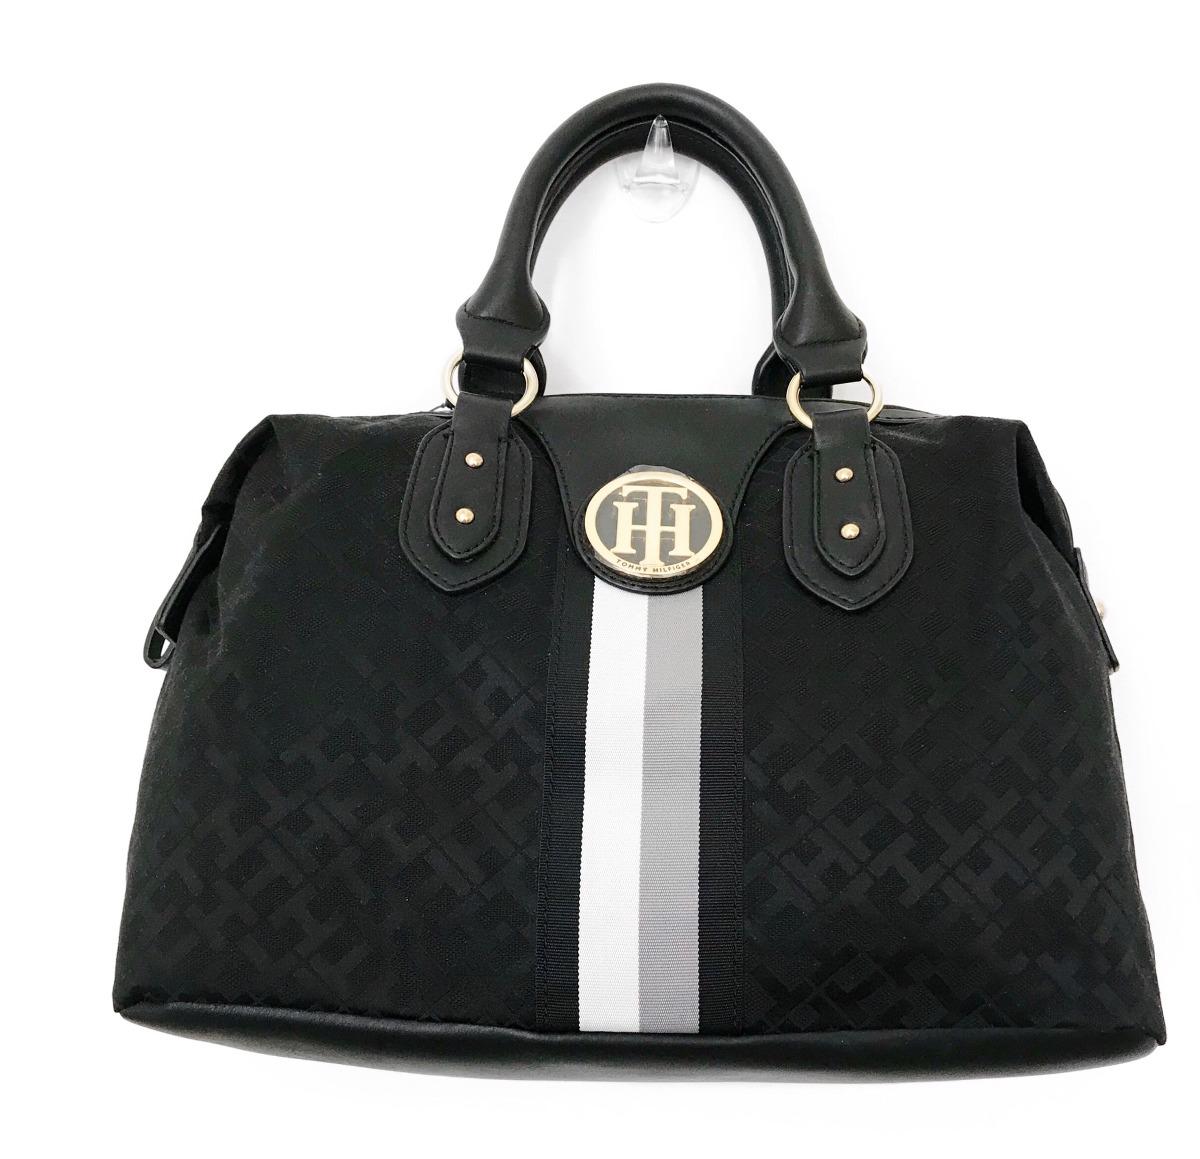 2912b7a57 Bolsa Feminina Tommy Hilfiger Original Importada Eua - R$ 399,00 em ...